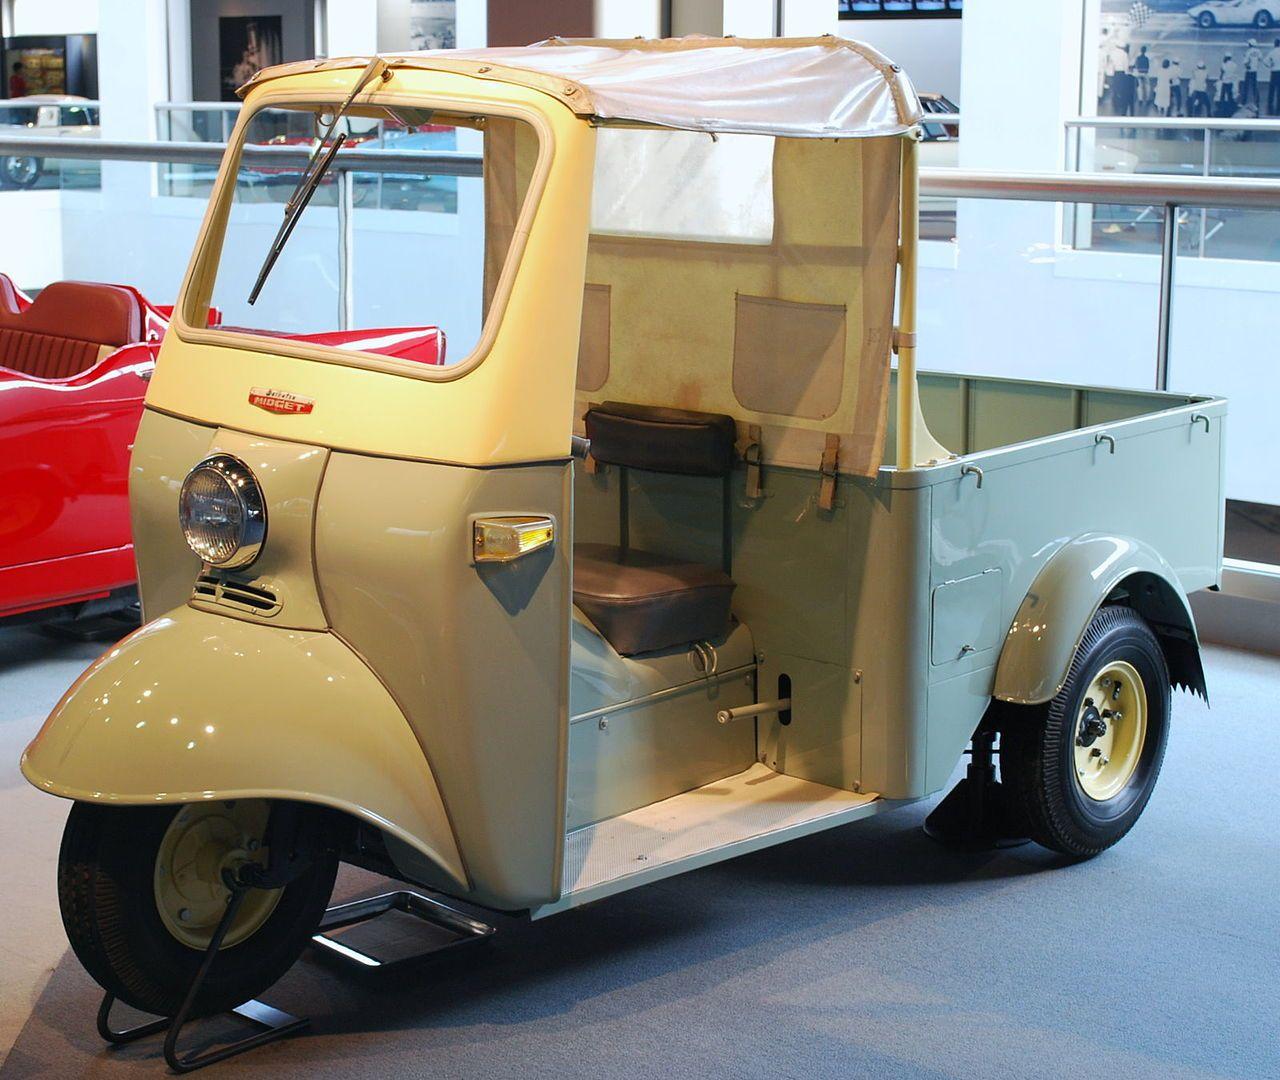 1957 Daihatsu Midget 01 Auto Rickshaw Wikipedia Daihatsu